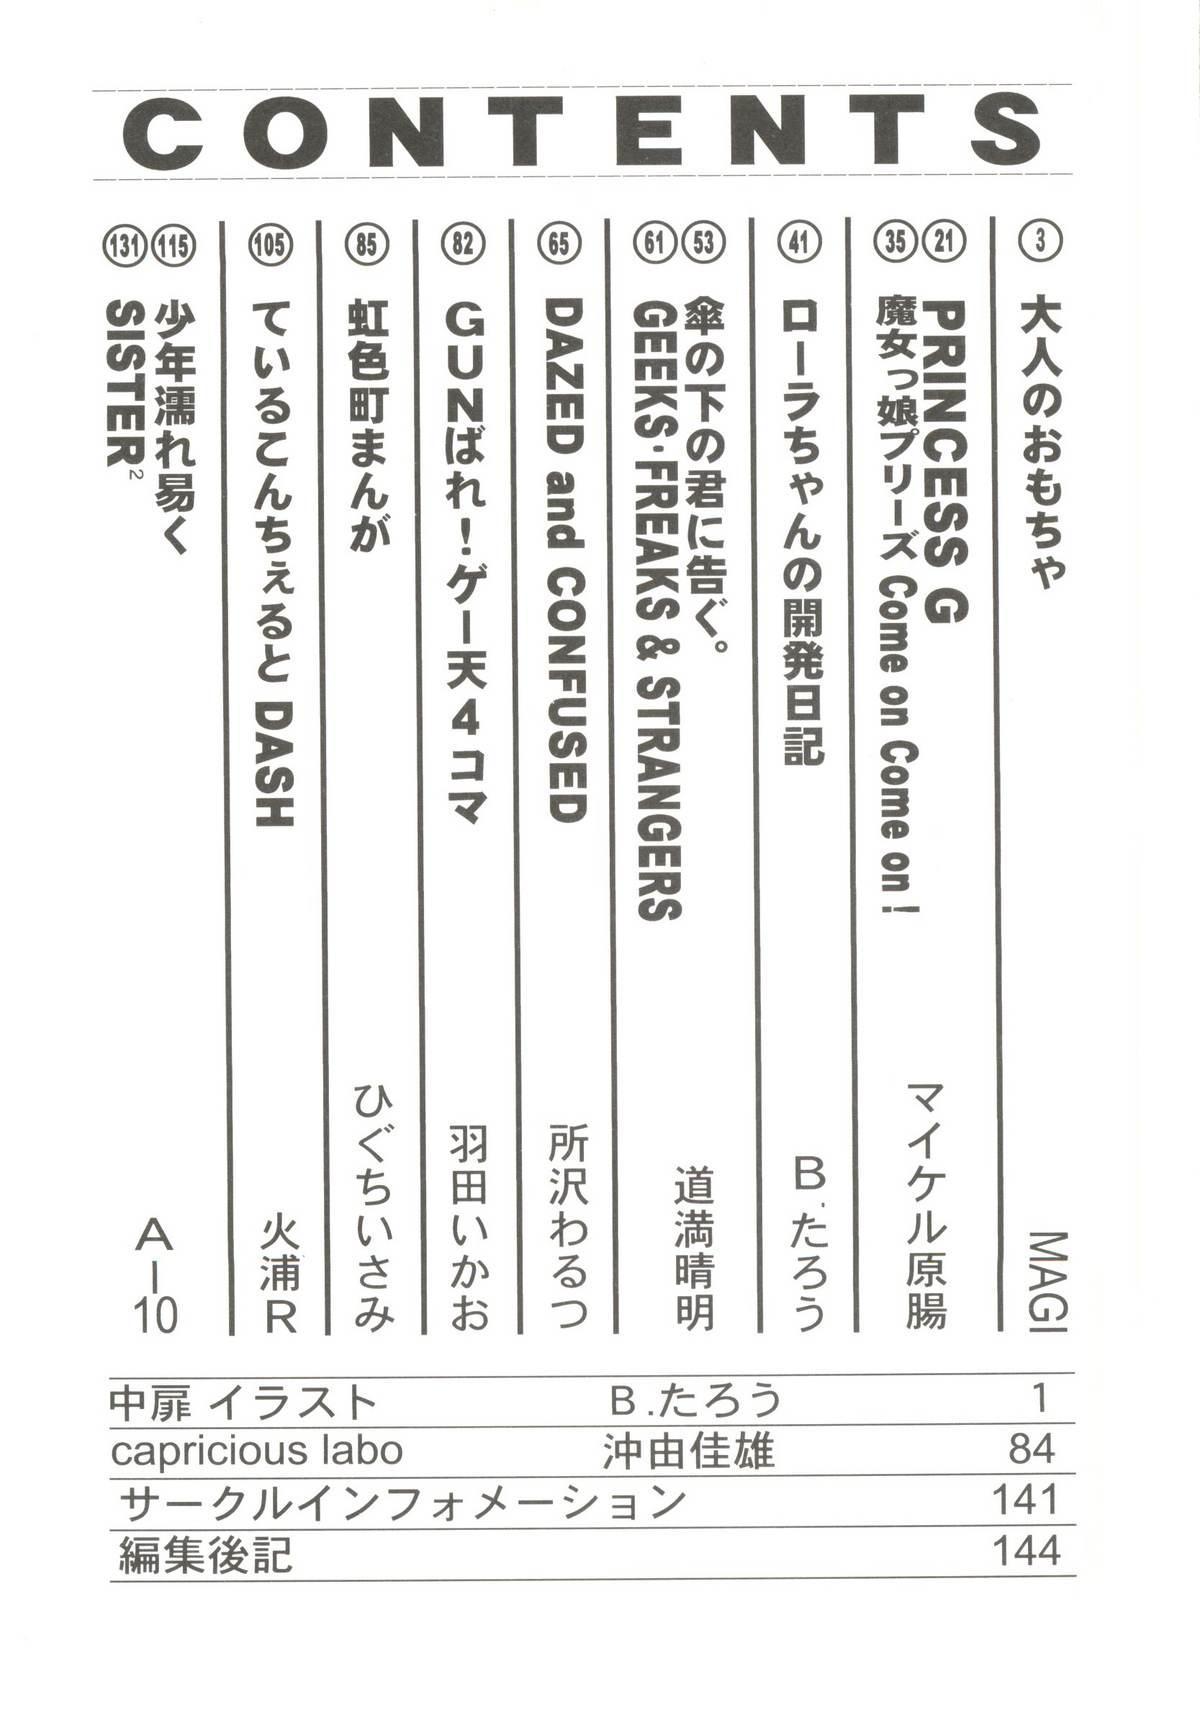 Denei Tamate Bako Bishoujo Doujinshi Anthology Vol. 2 - Nishinhou no Tenshi 5